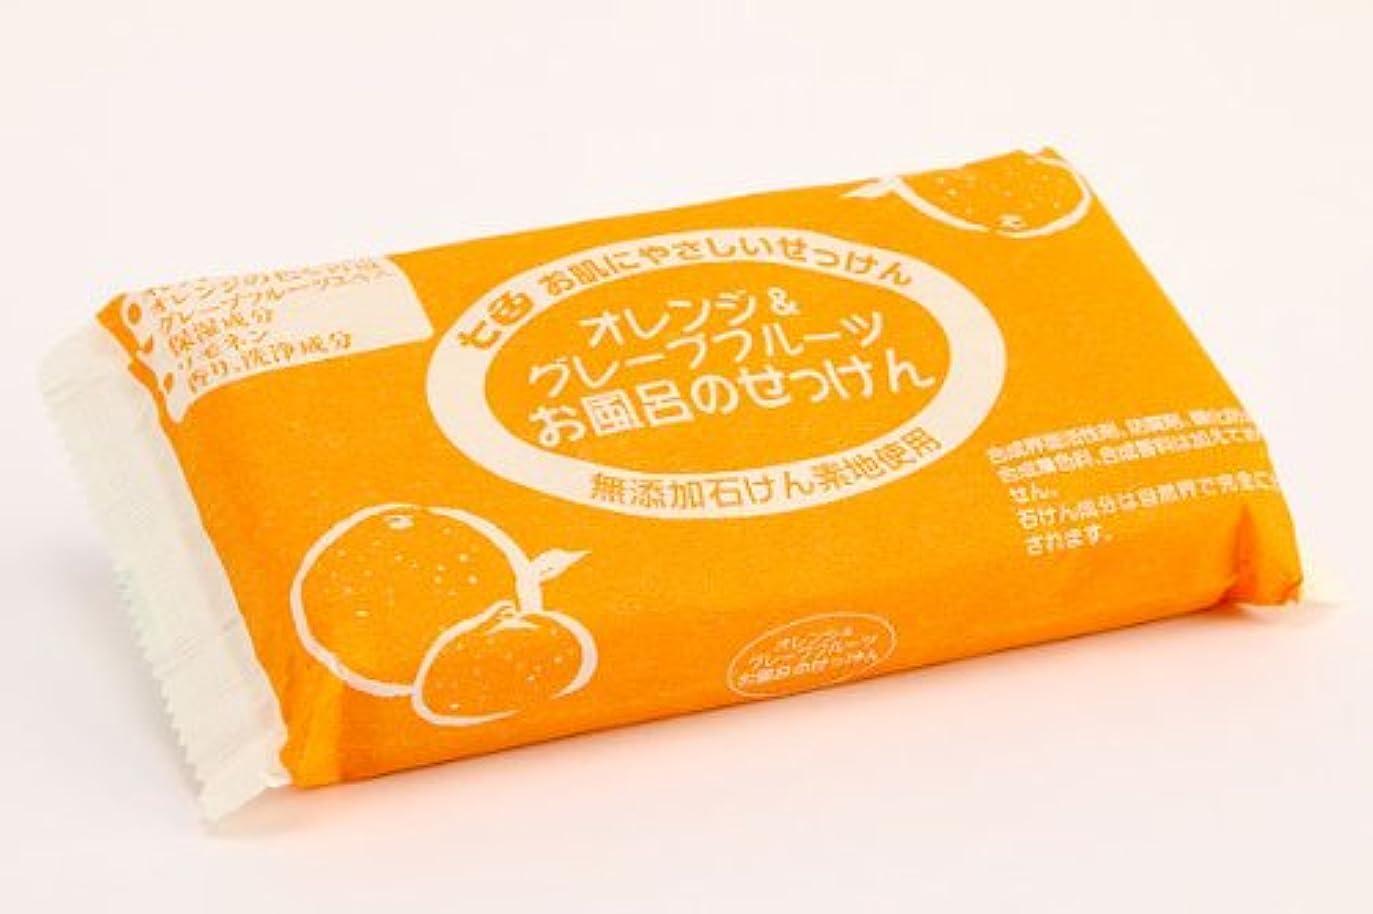 まるは油脂化学 七色石けん オレンジ&グレープフルーツお風呂の石けん3P 100g×3個パック×40